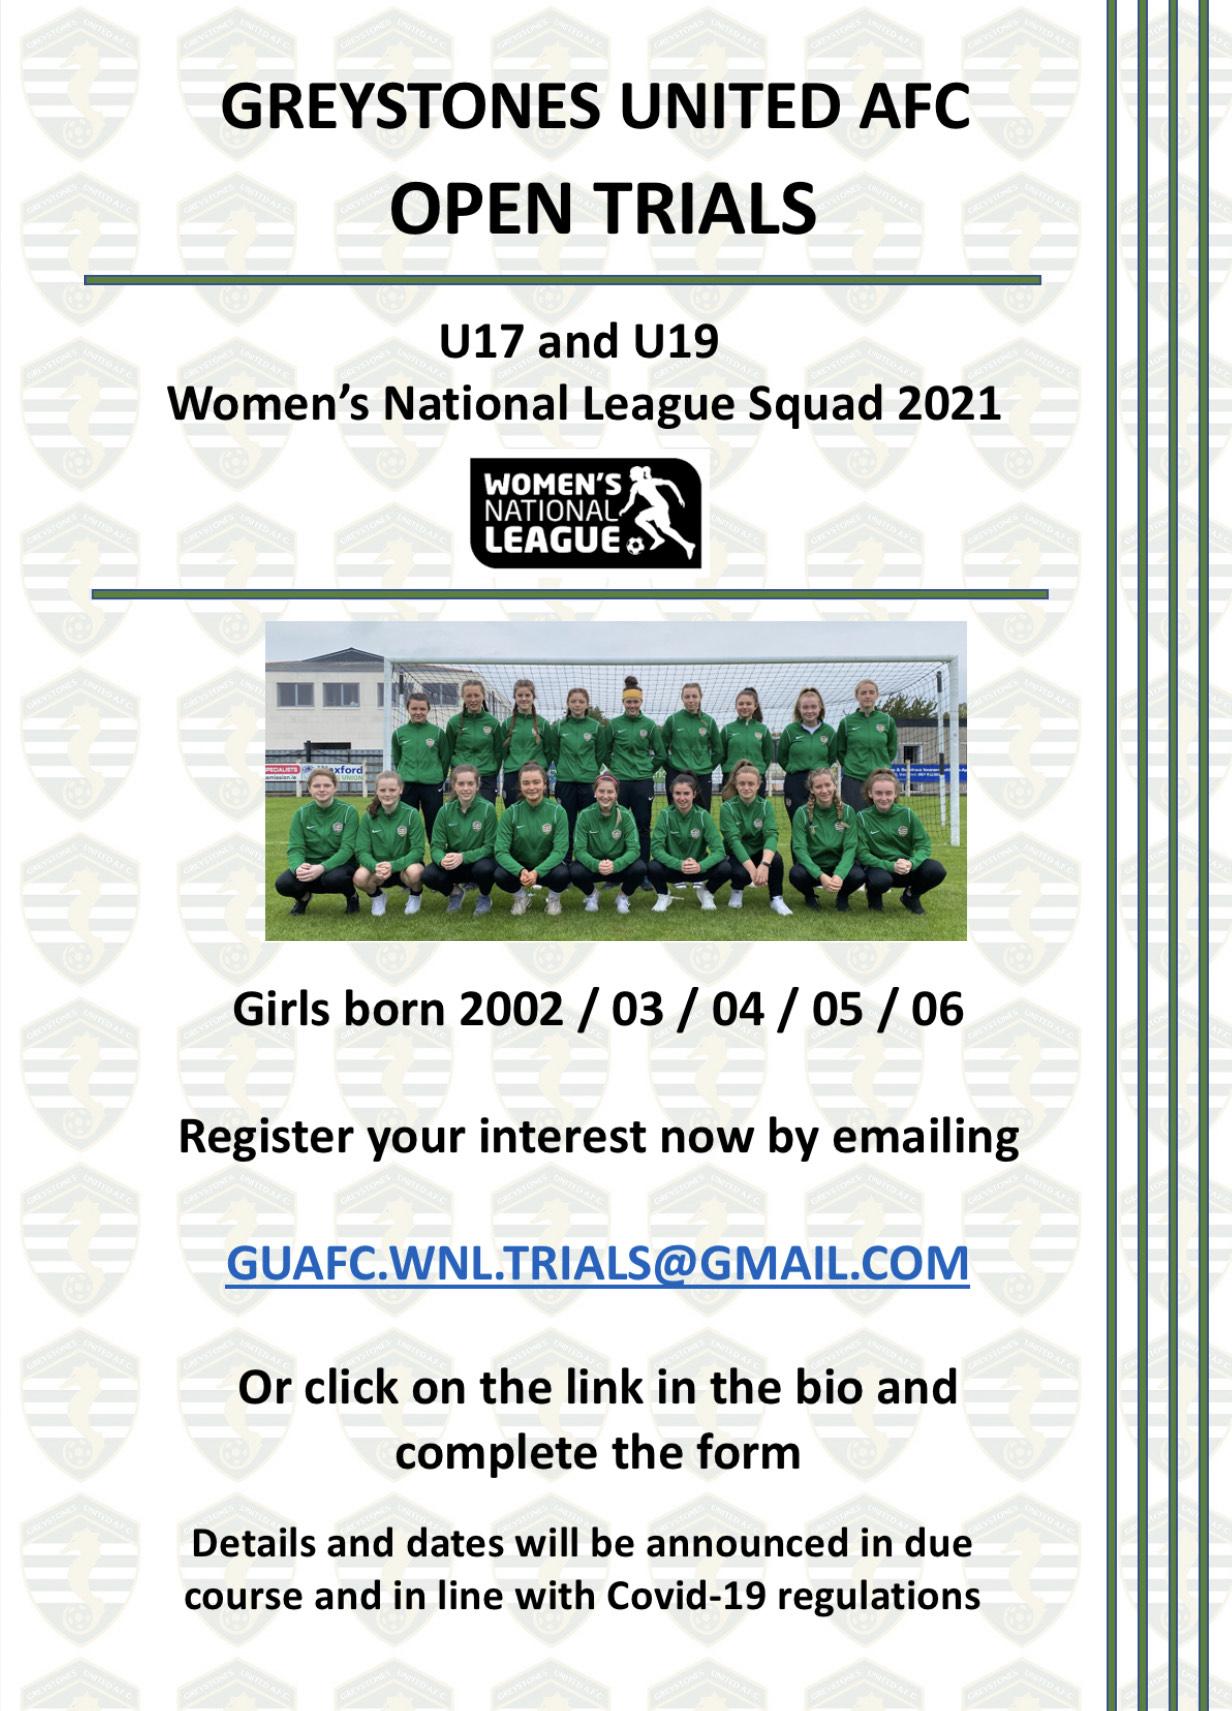 2001 U17 & U19 WNL trials